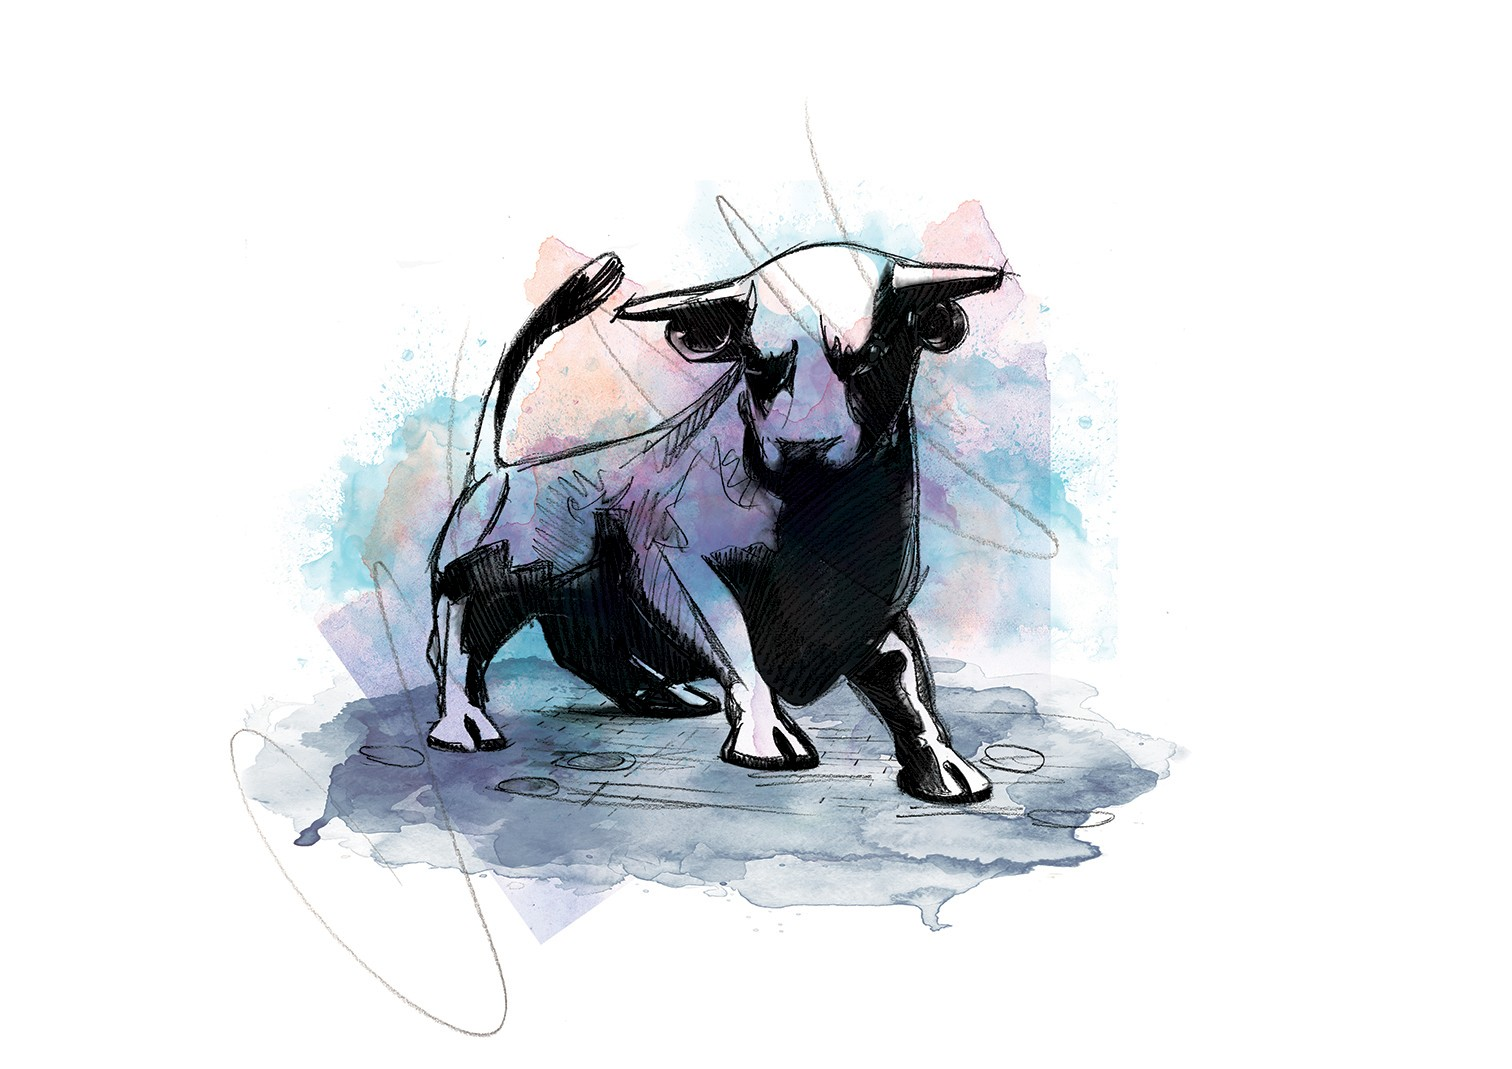 008 Dm It 039 S All Bull Art